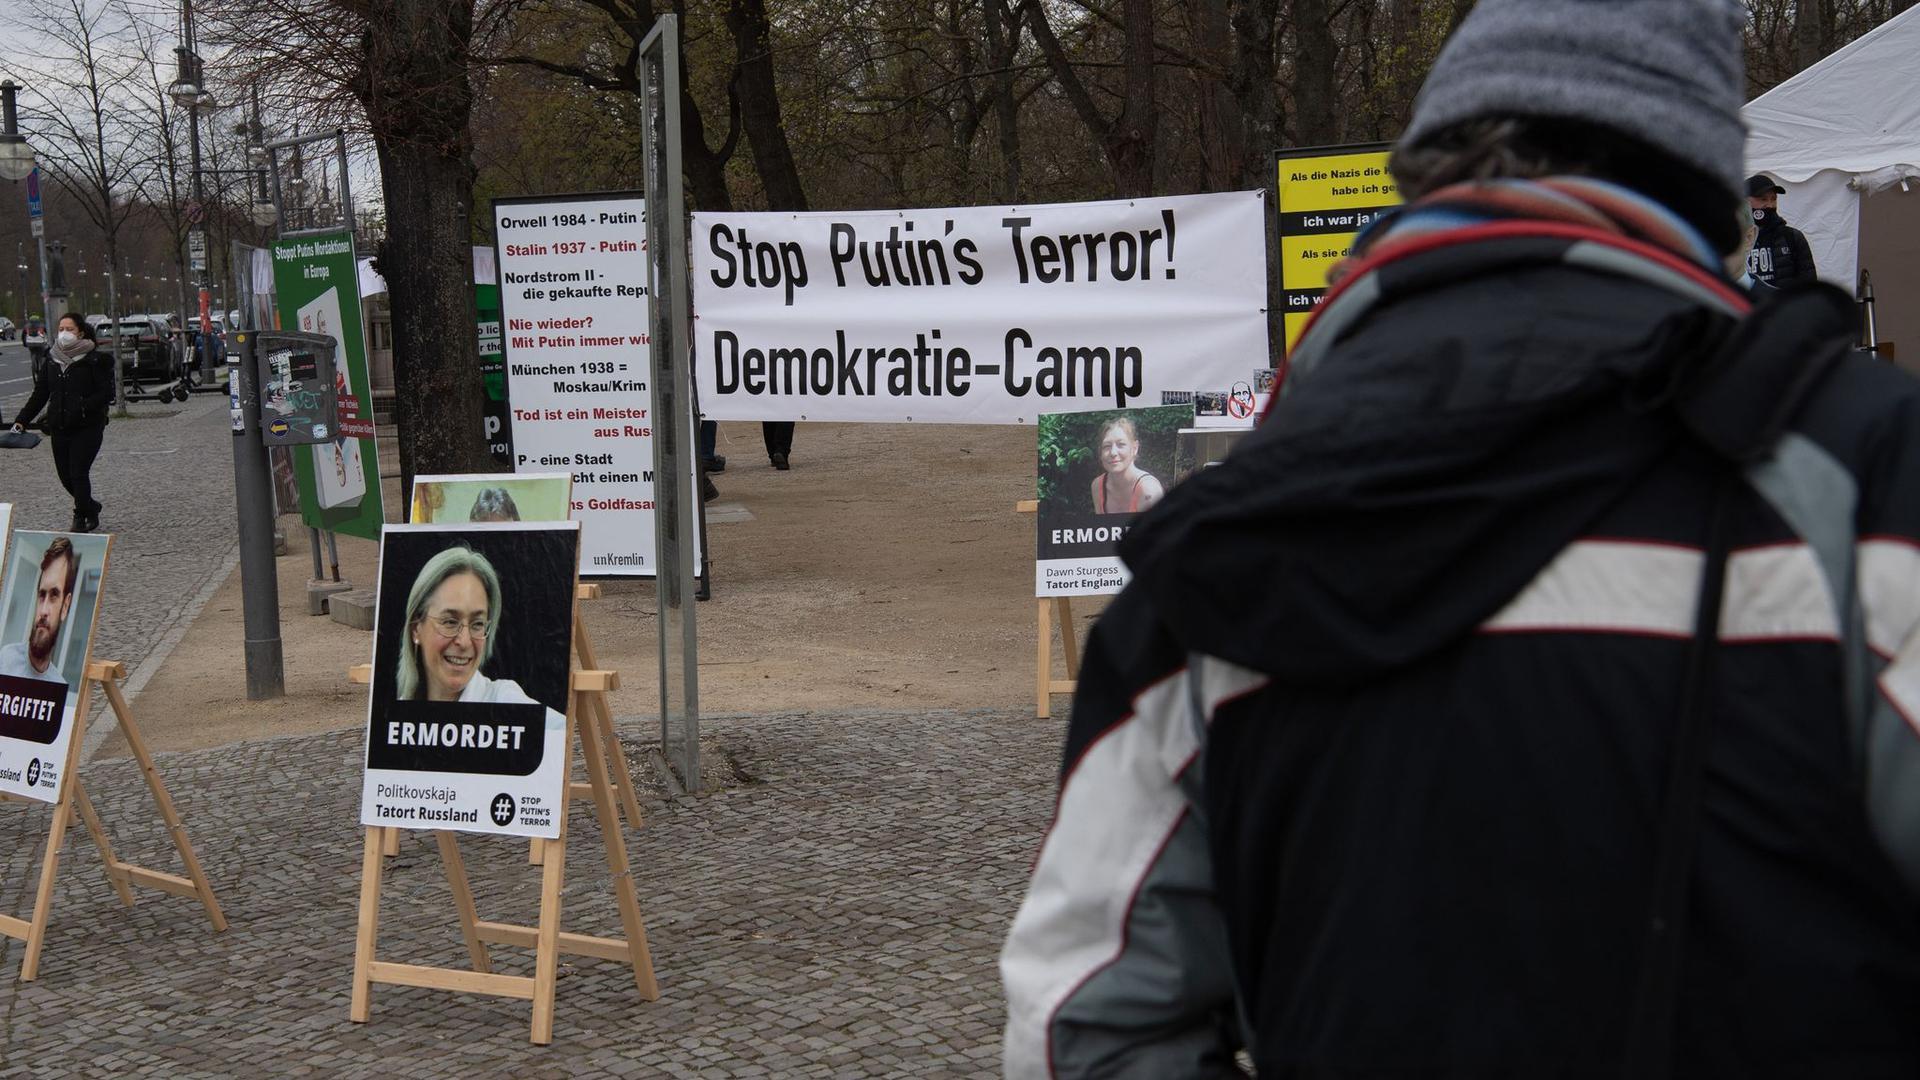 """""""Stop Putin's Terror!"""" steht auf einem Transparent am Camp unweit des Brandenburger Tors in Berlin."""